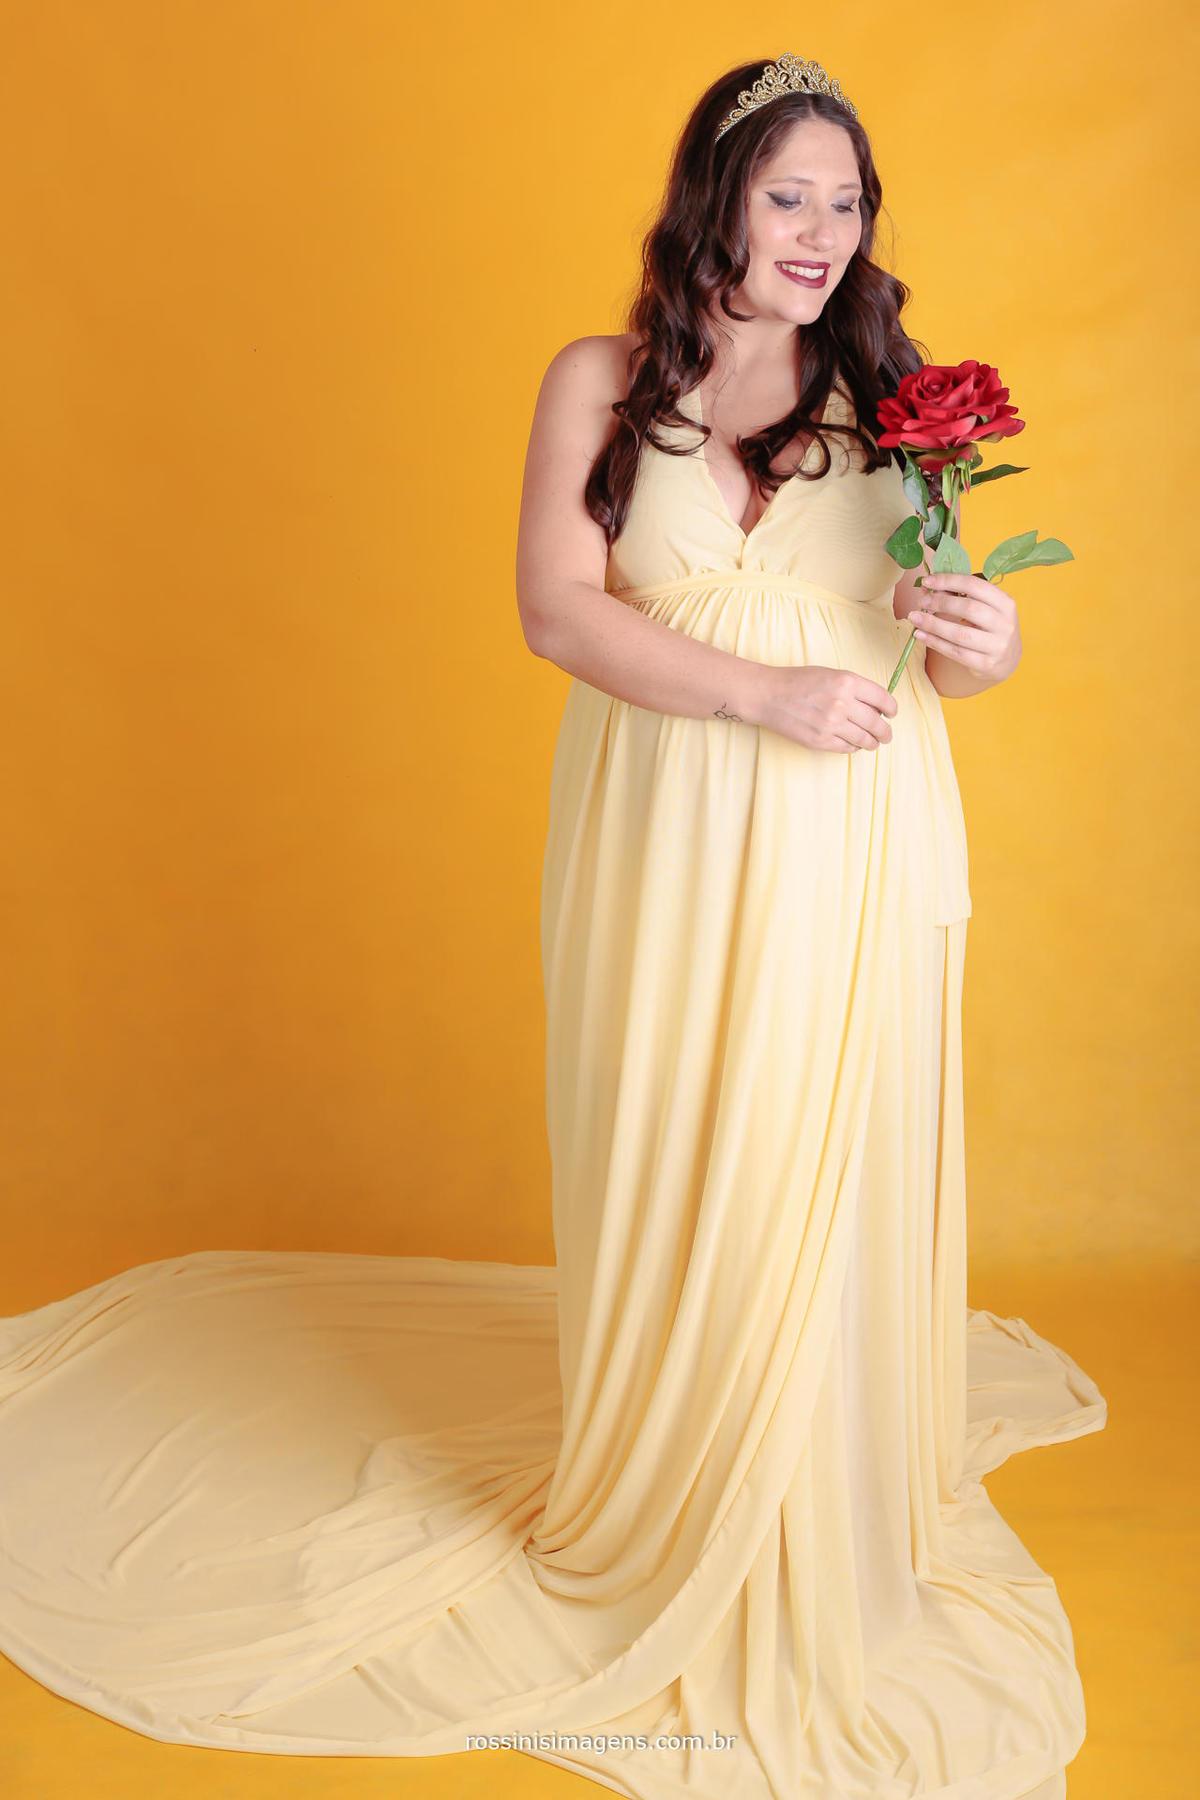 foto de gravida vestida de bela e a fera